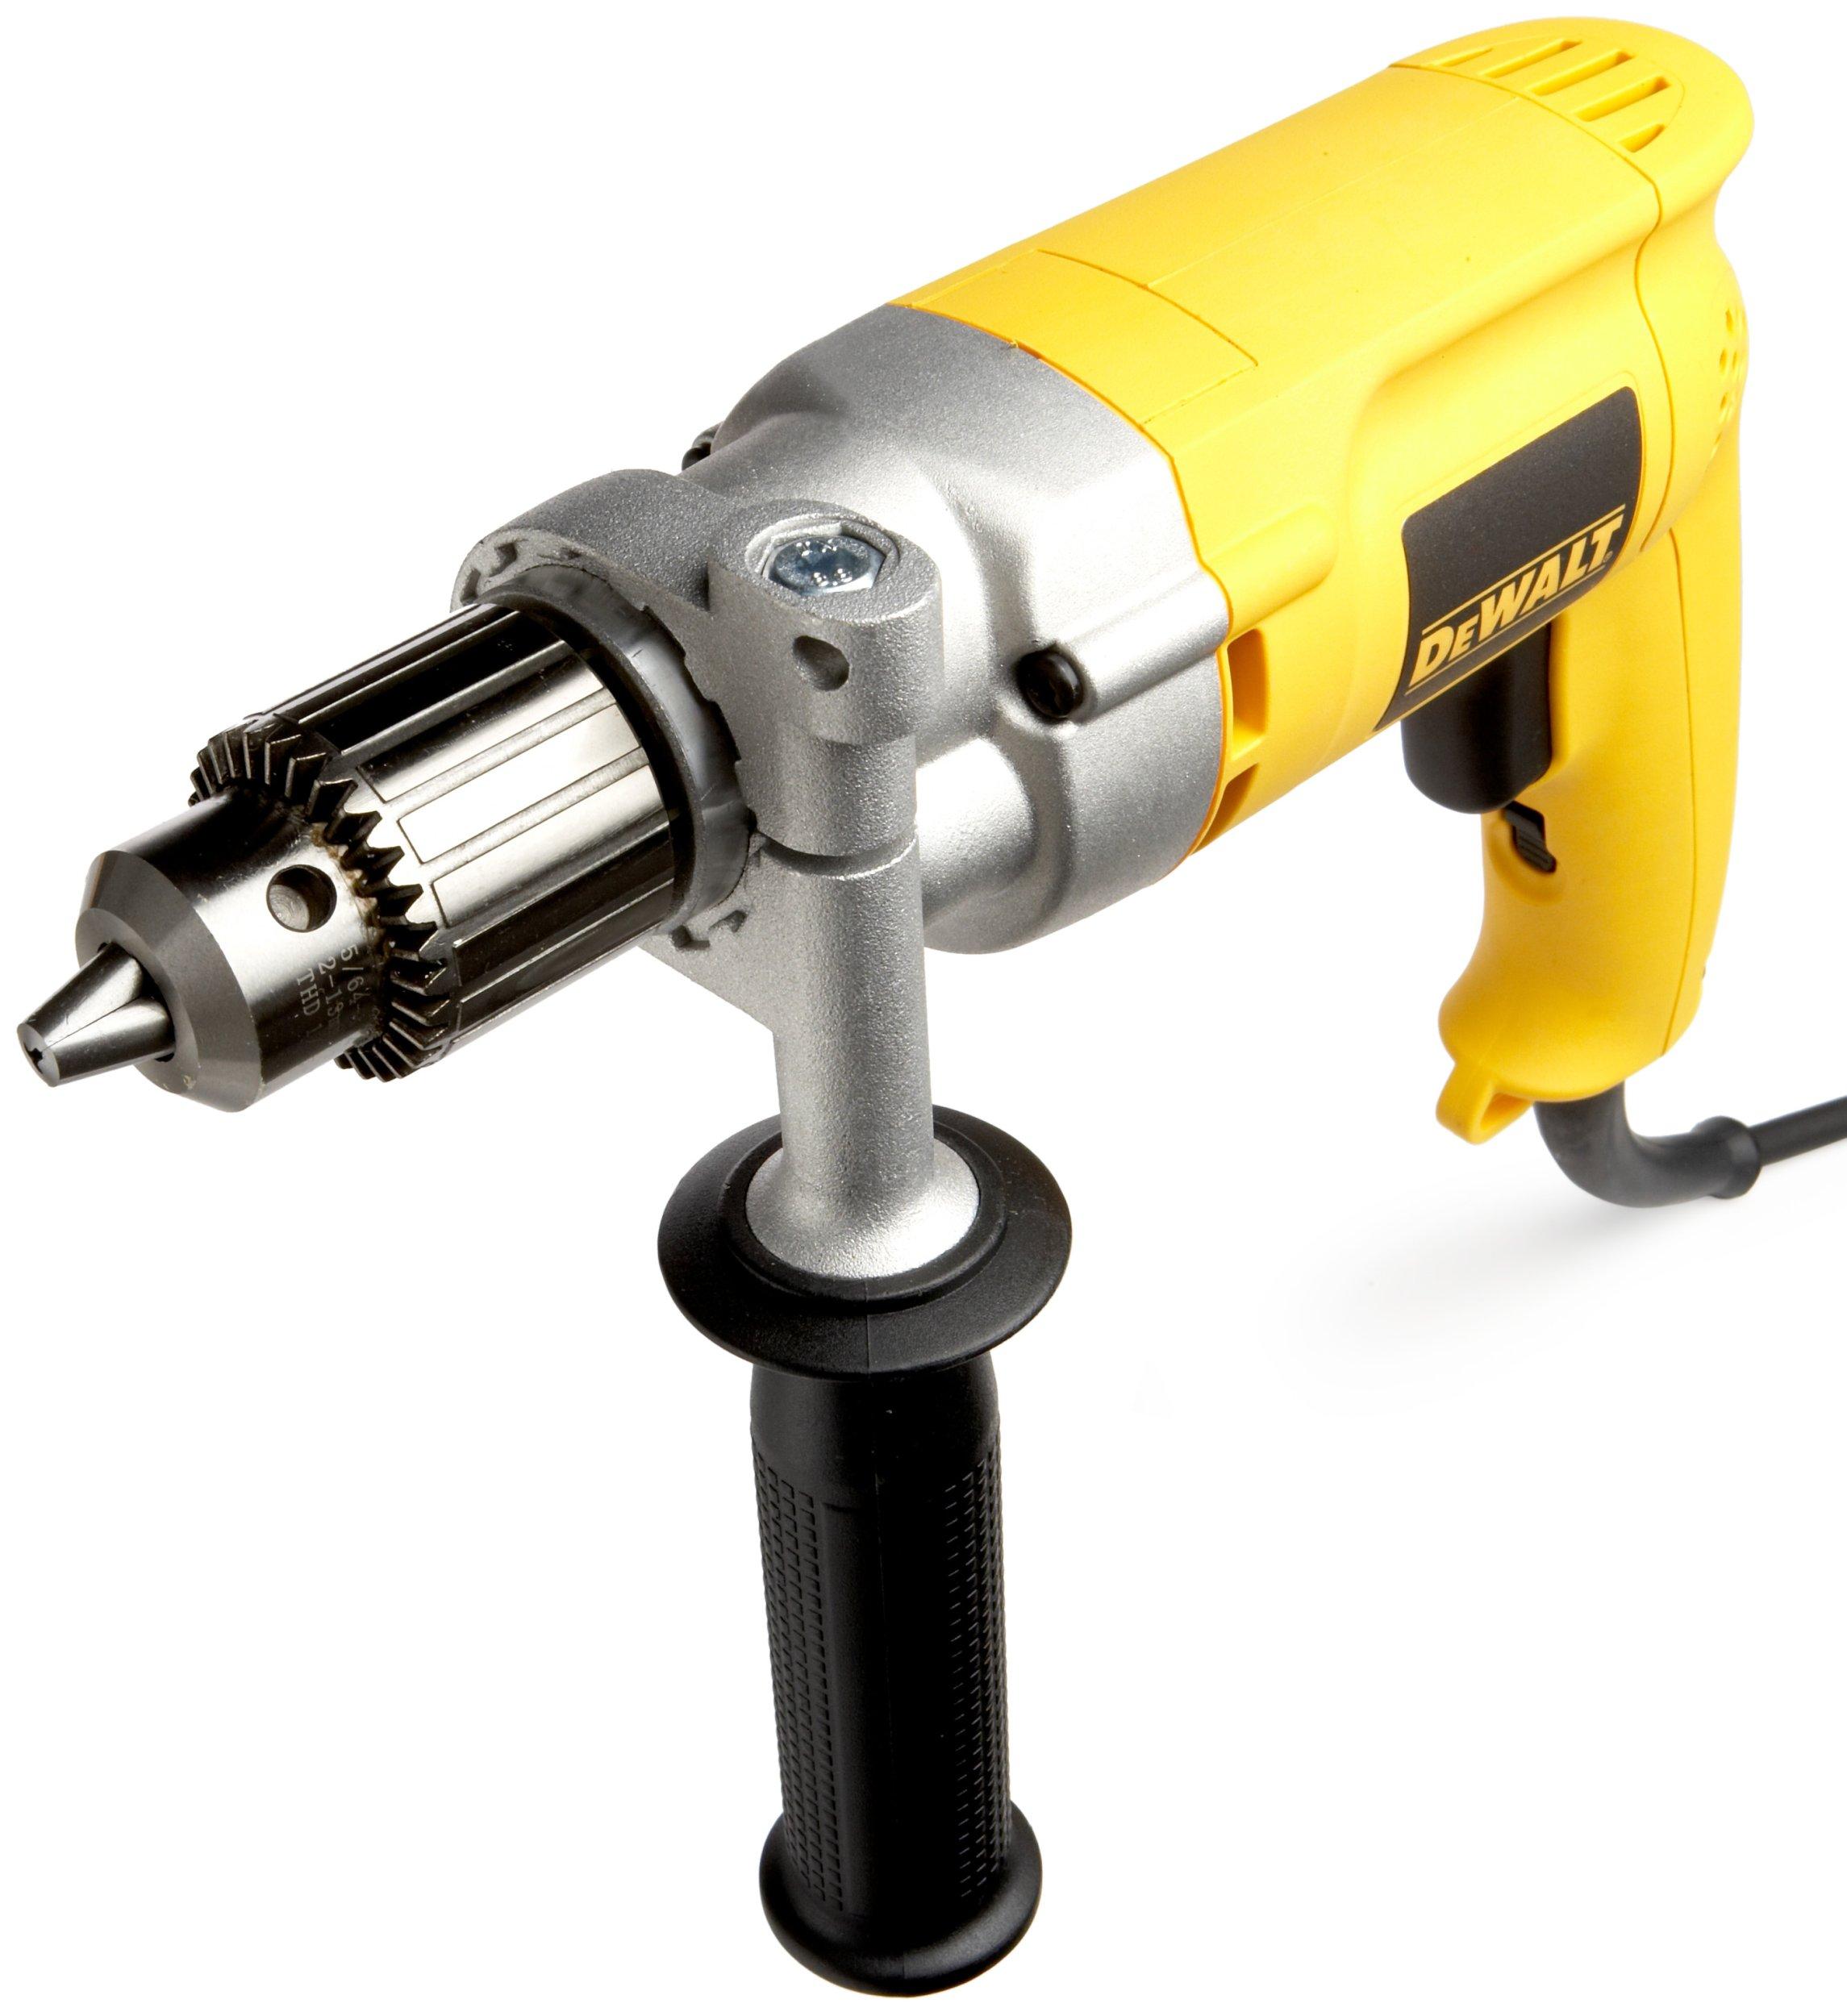 DEWALT DW235G 8.5amp 1/2-Inch VSR Drill